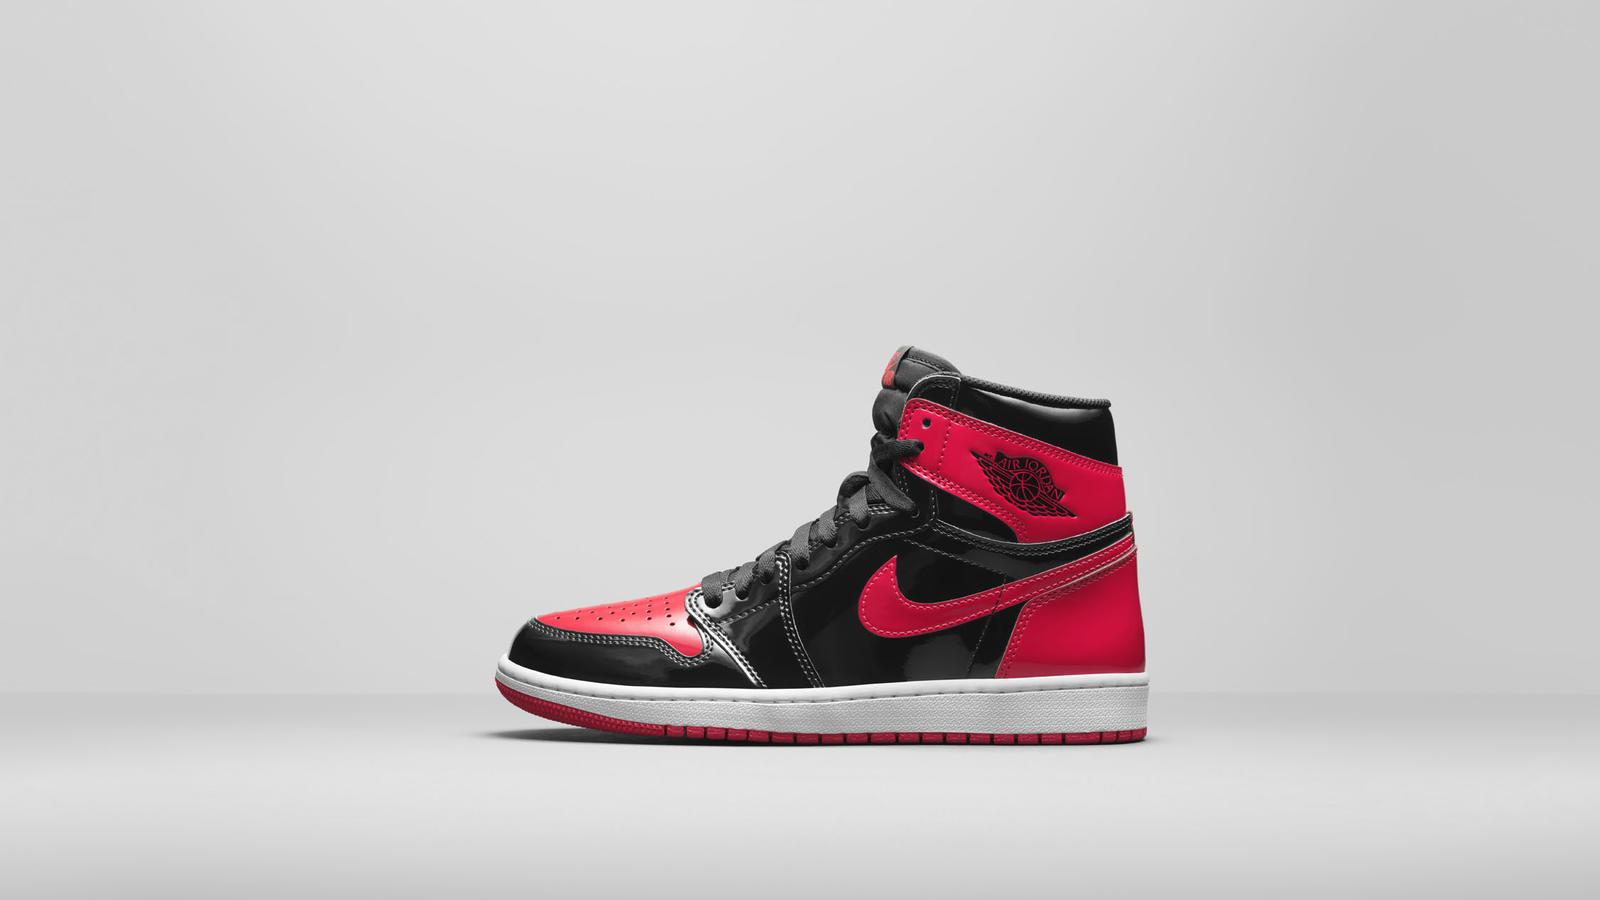 Nike News Jordan Brand Ho21 Retro Preview Aj I Retro Hi Og 555088 063 A1 Lateral V02 Lr